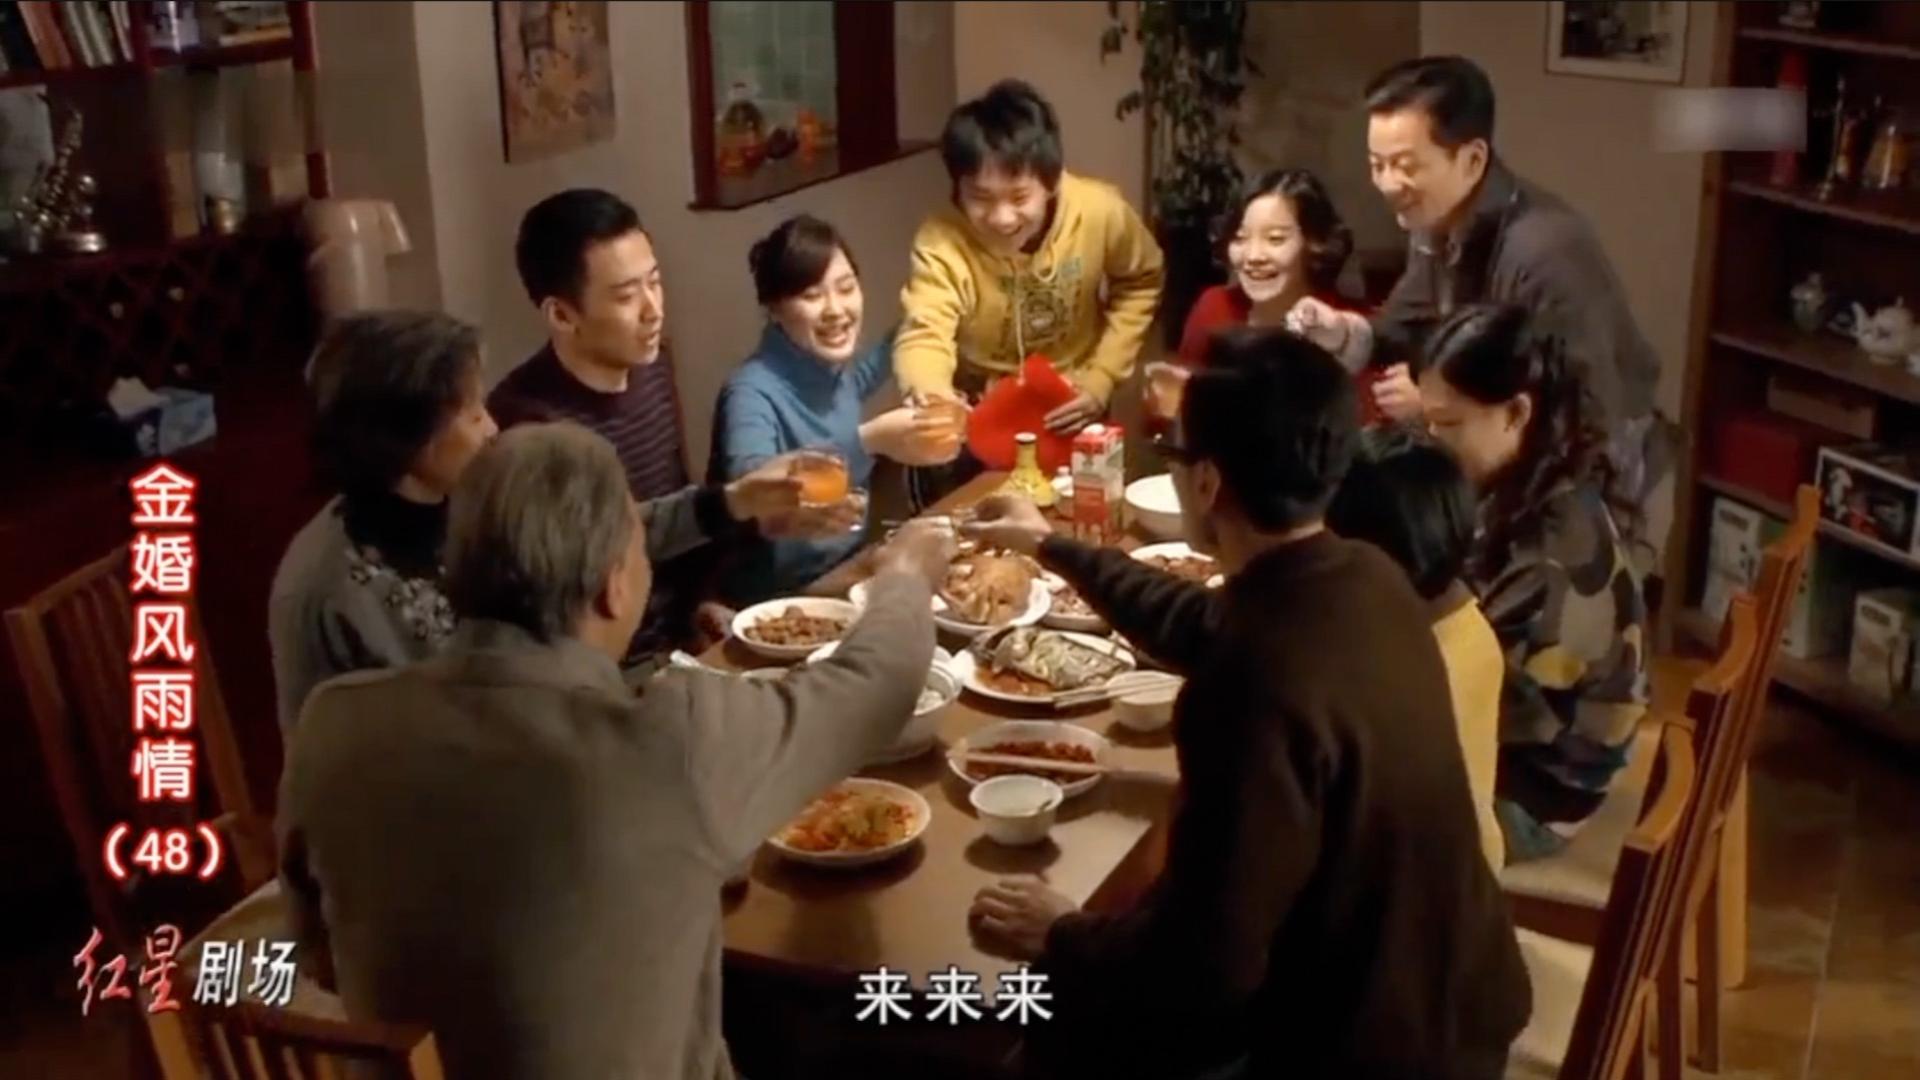 吃饺子,喝汇源,团团圆圆才叫过年!